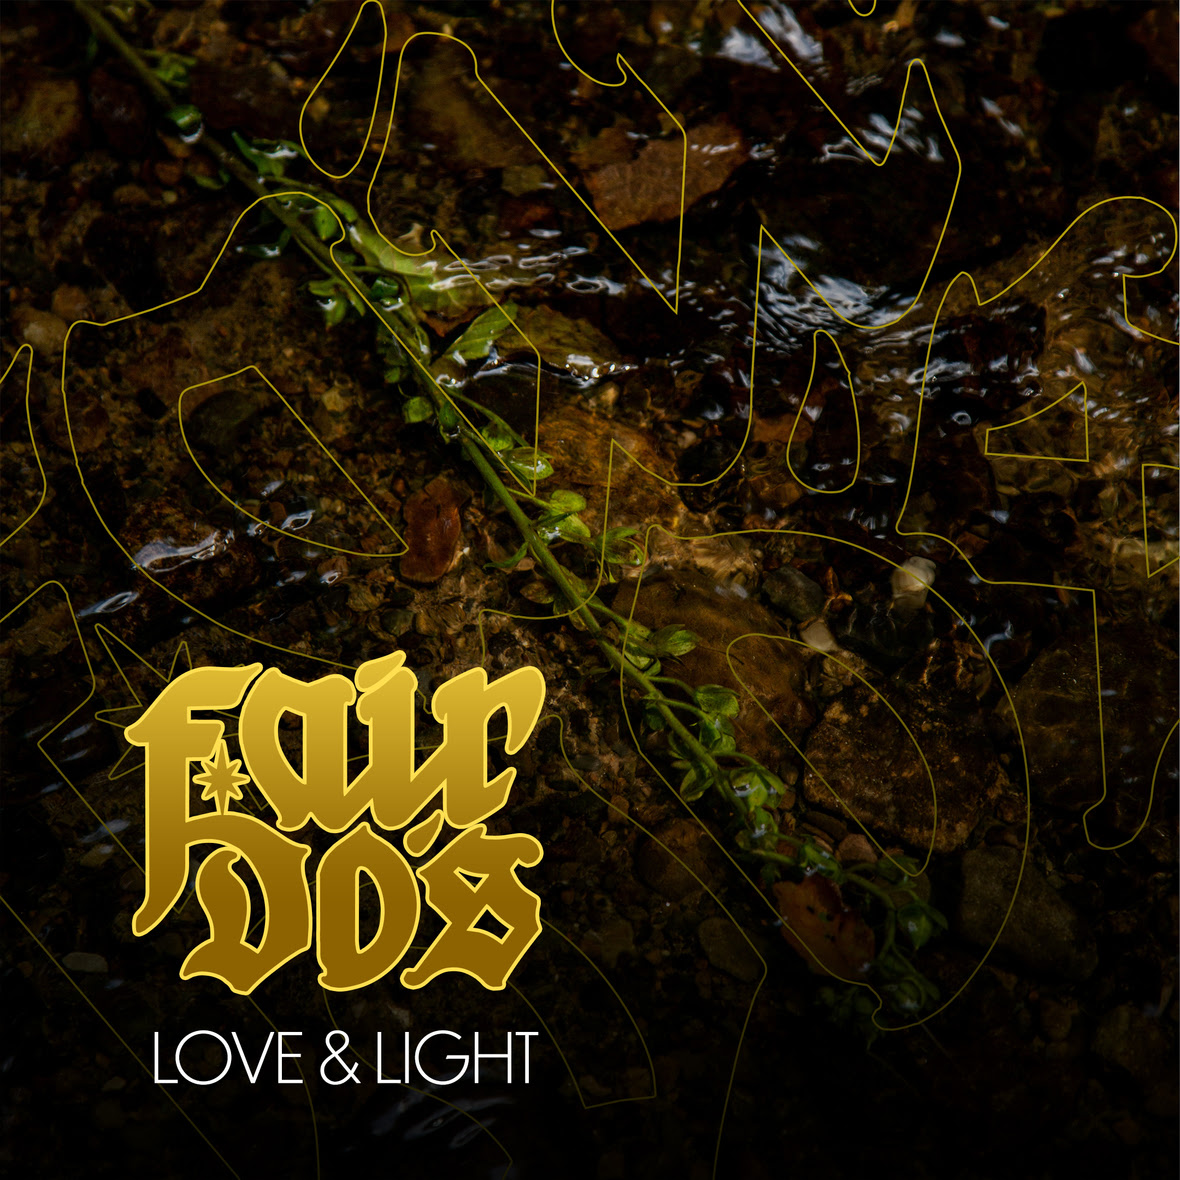 Fair Dos - Single 2 Love and Light - Single Art Cover 1